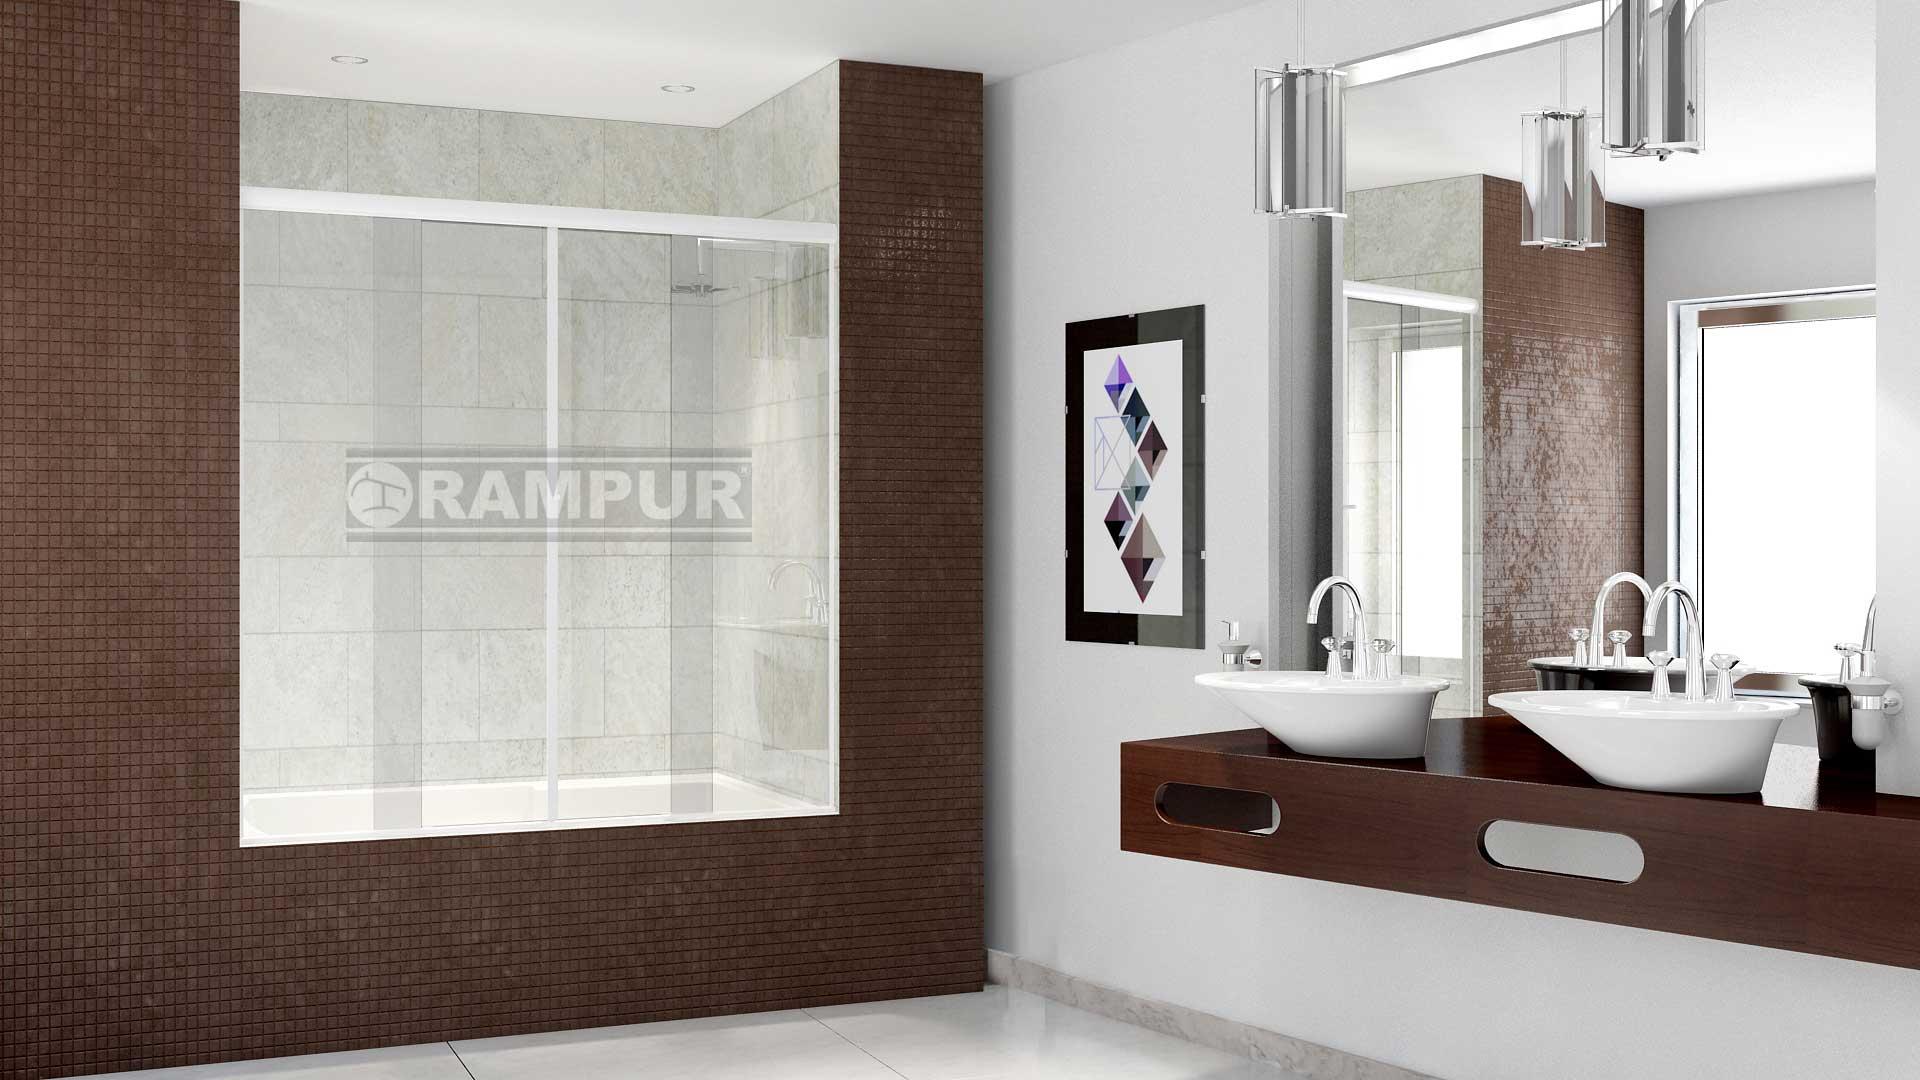 Rampur oferta mamparas para ba o precios bajos - Mamparas bano precios ...